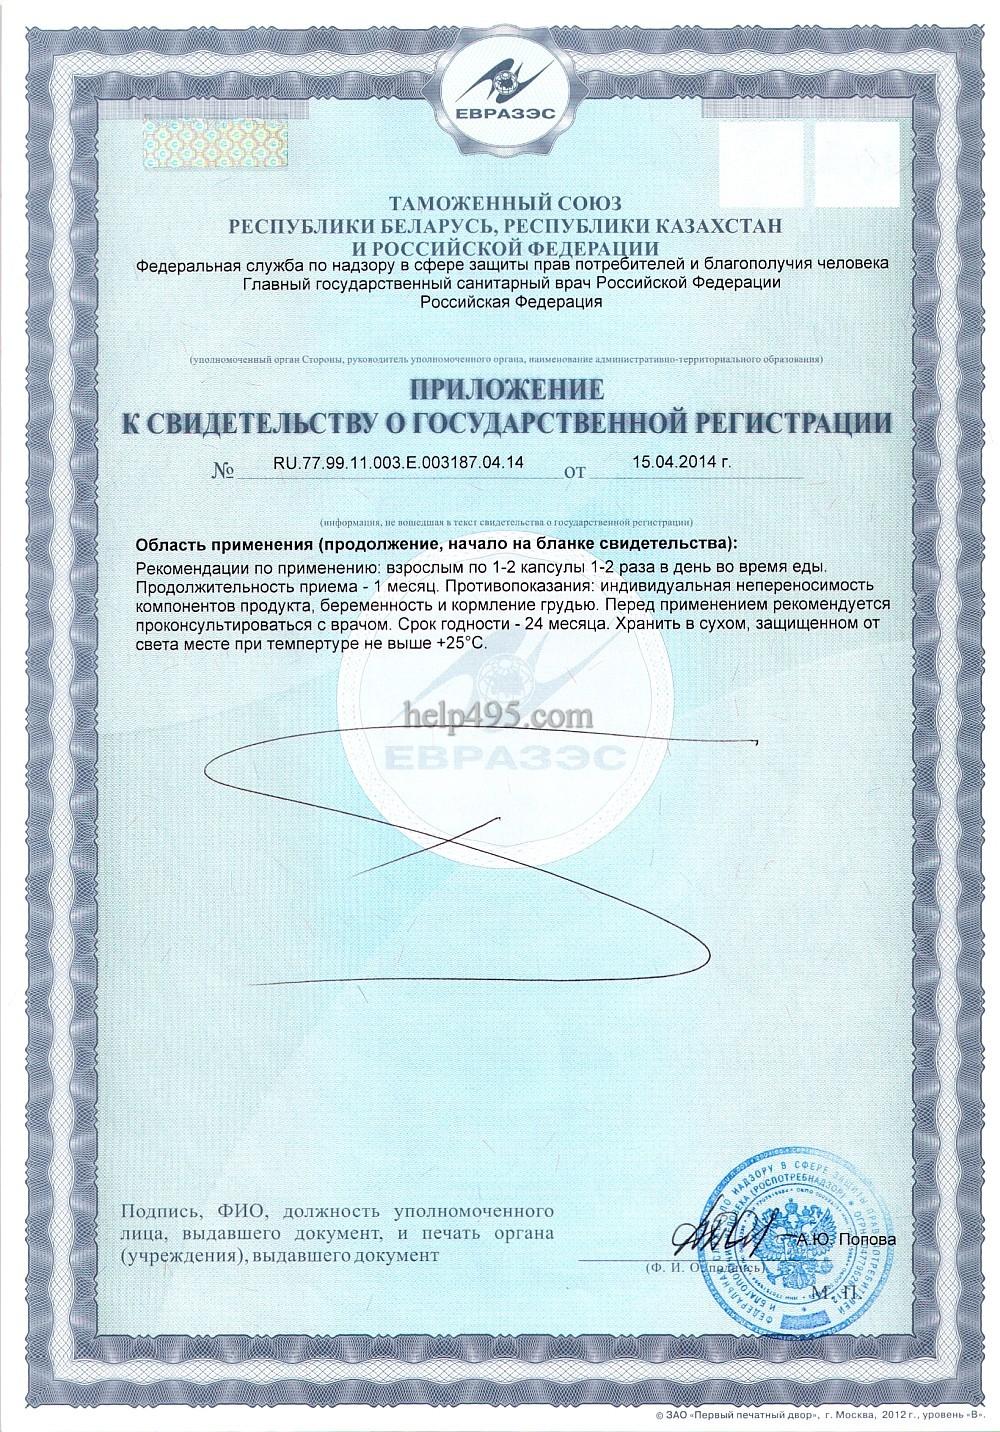 2-ая стр. сертификата препарата: Капсулы с мицелием кордицепса Тяньши